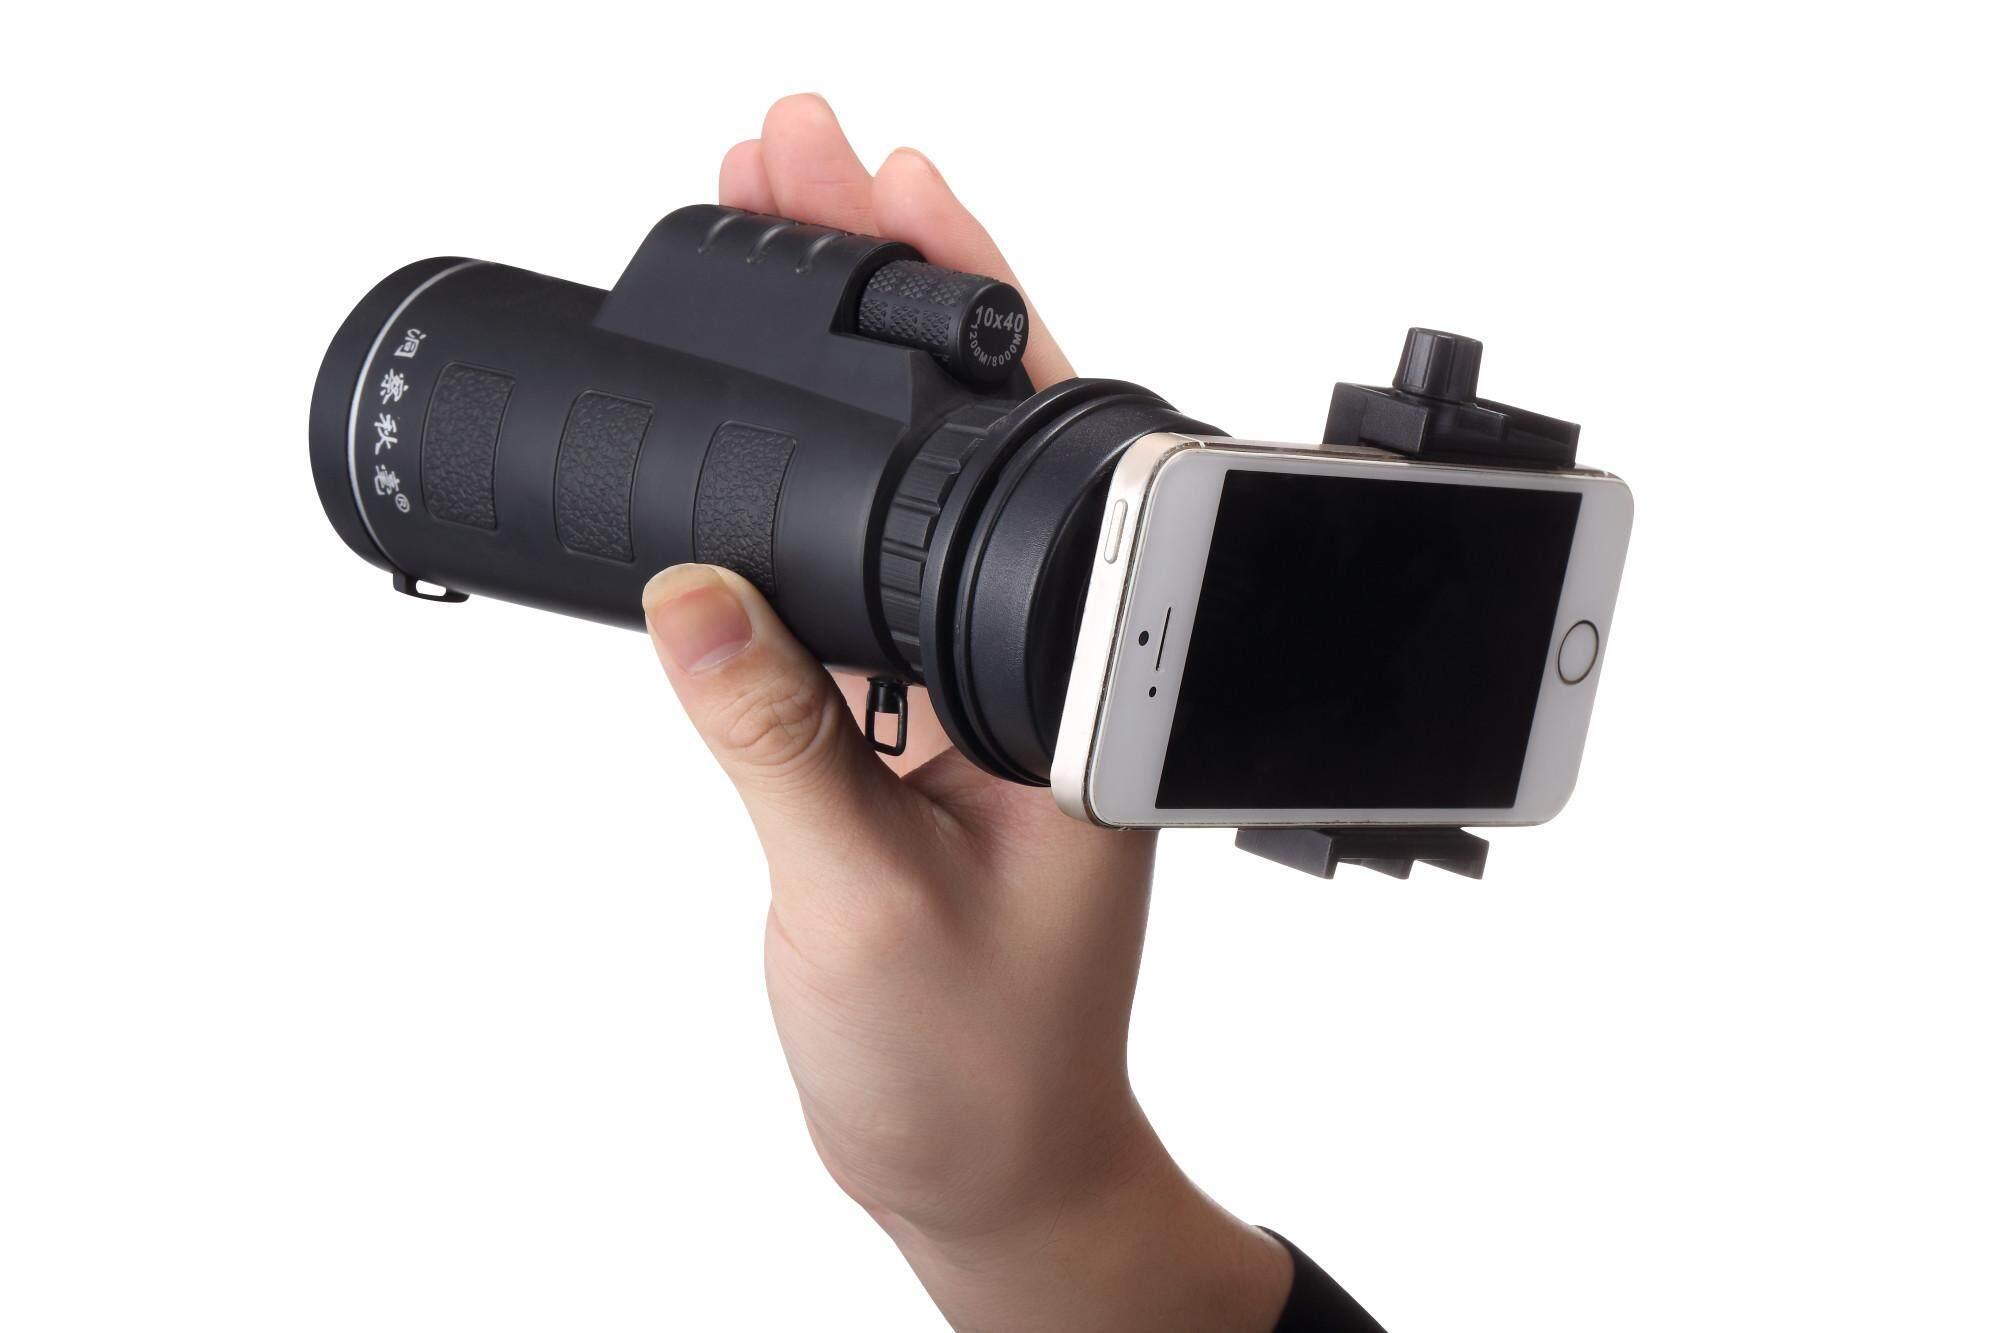 Rafcamera kiev u lensa ke mft mikro kamera dudukan adaptor